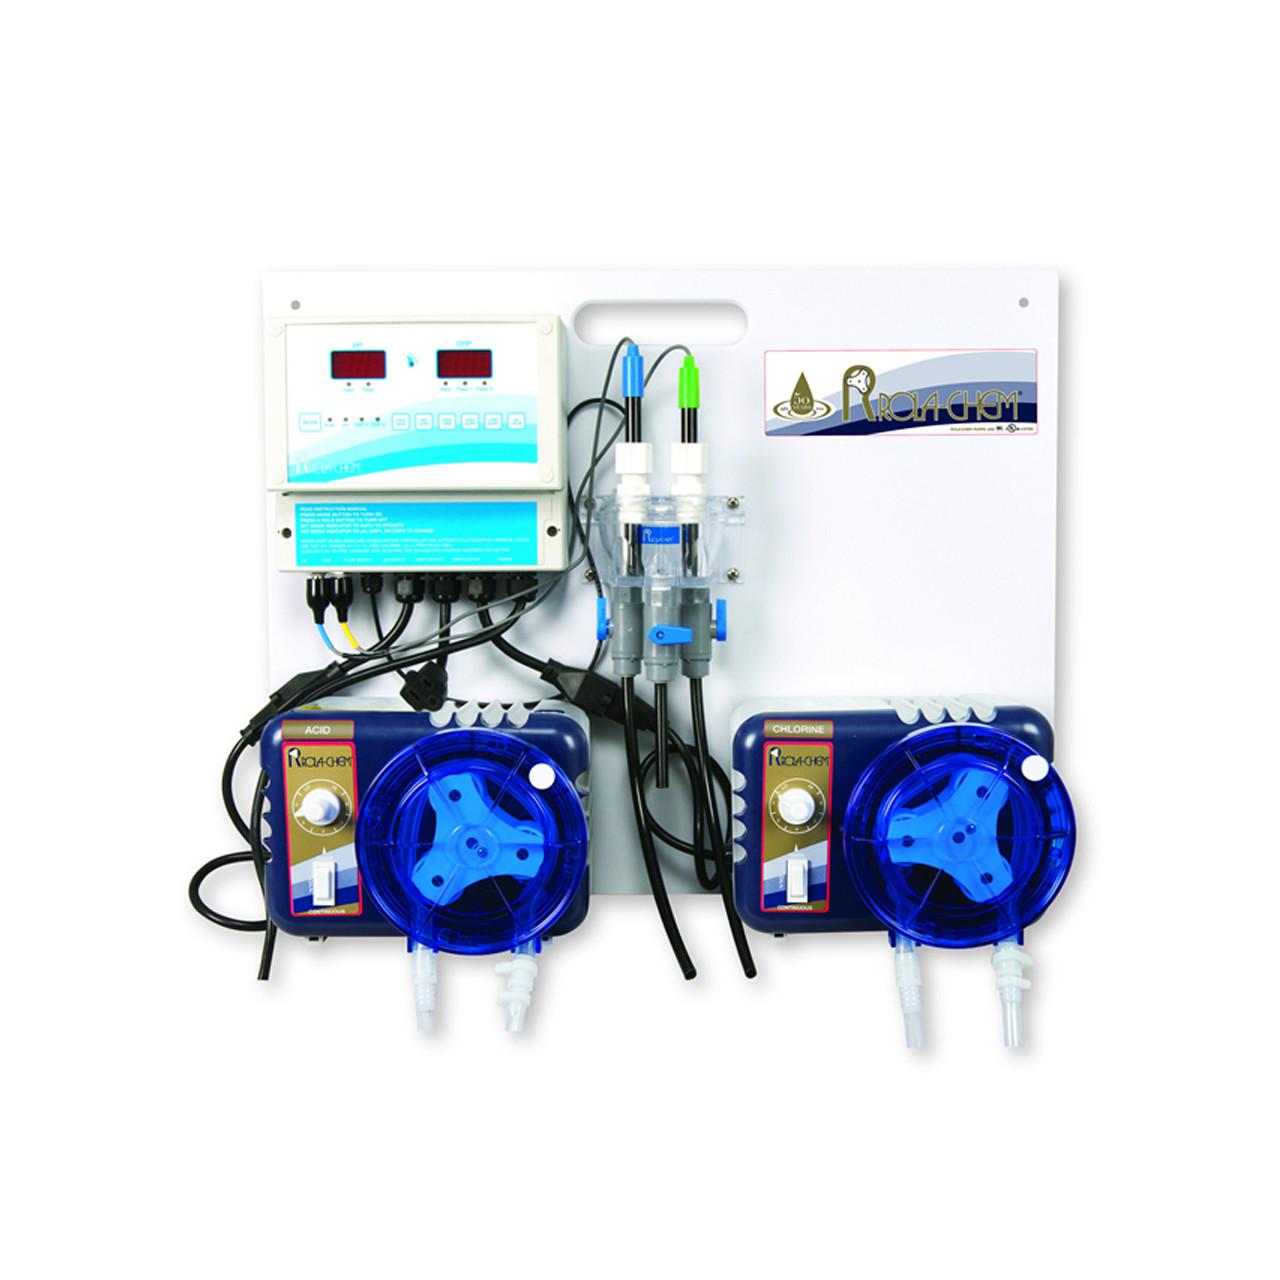 Sistema de todo en uno para monitoreo y control dos fuentes de desinfectante con pH digital / sistema ORP dual para piscinas spas y jacuzzis ROLA-CHEM